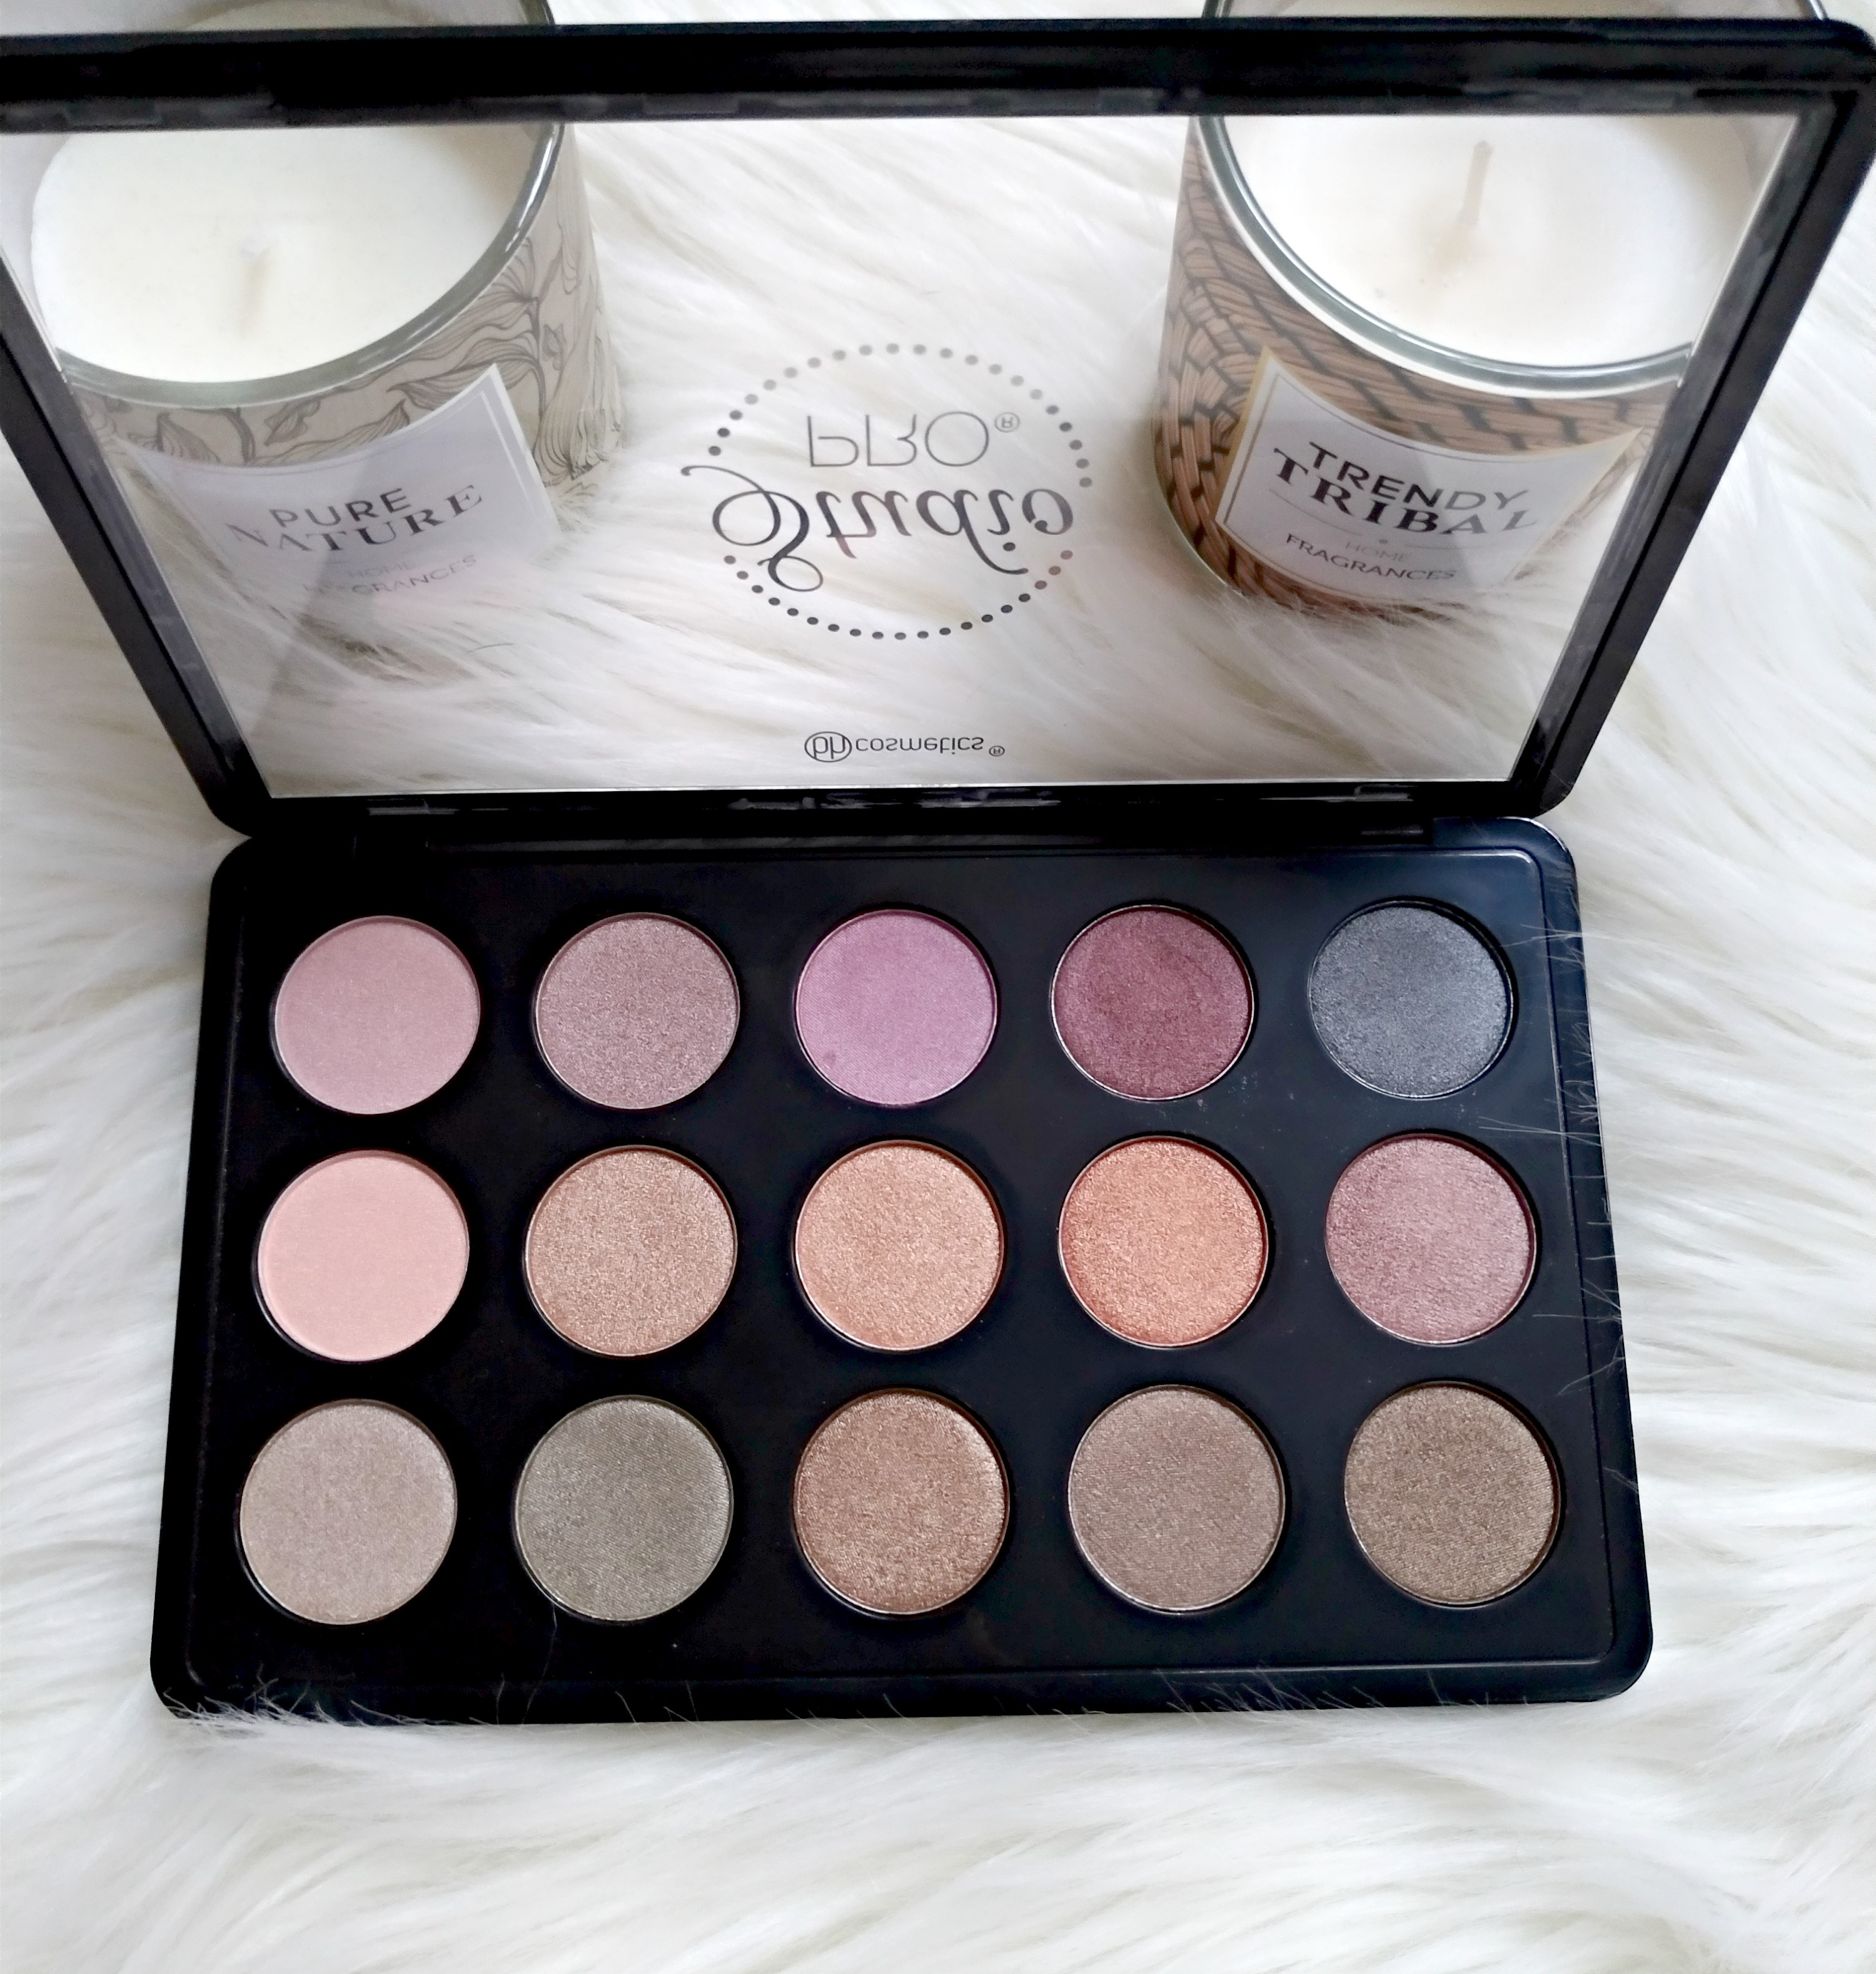 bh cosmetics pro palette